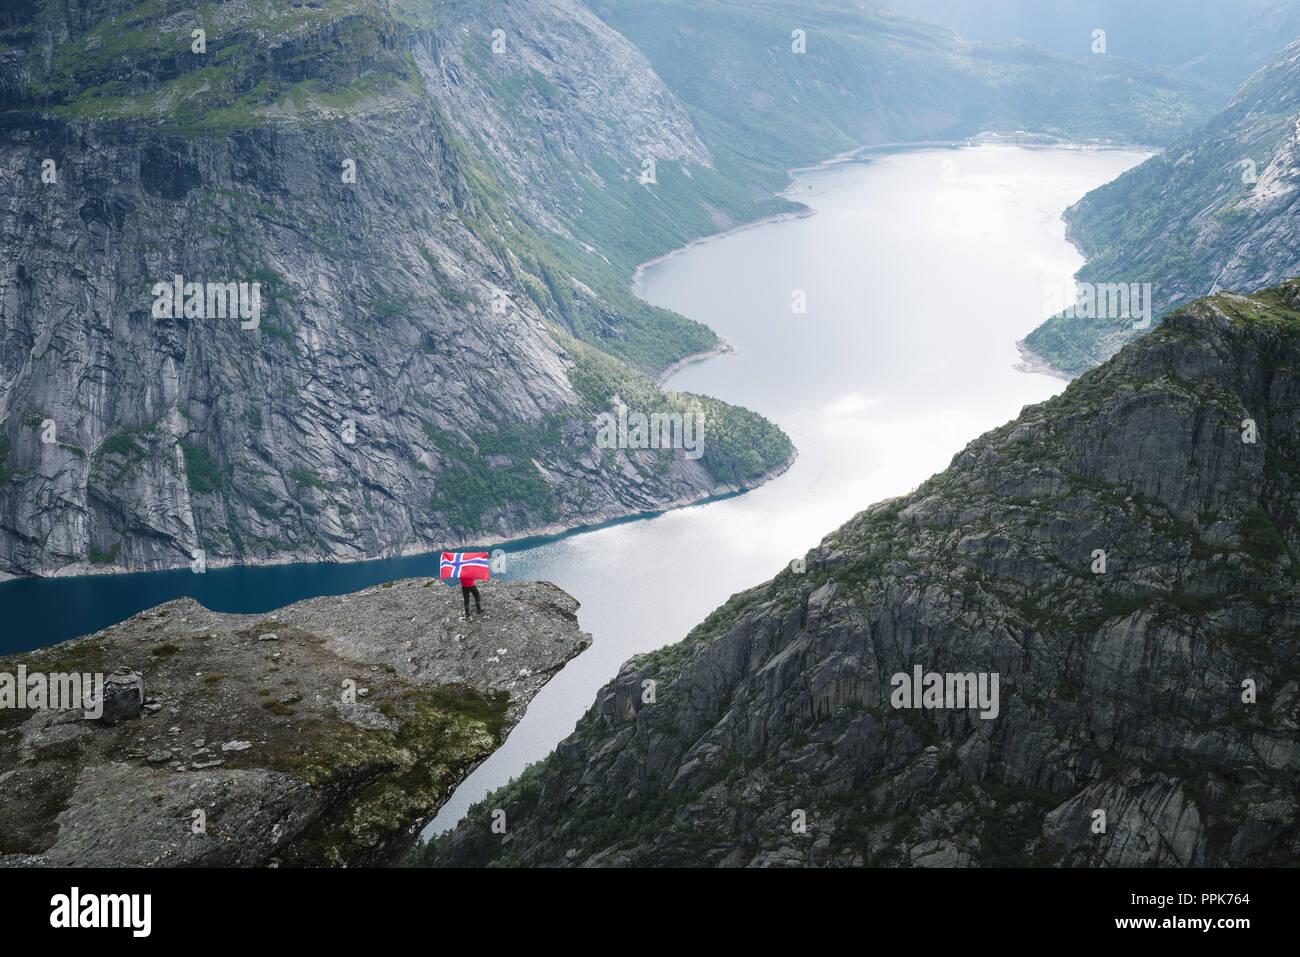 Trolltunga - Cliff rock, au-dessus du lac Ringedalsvatnet en Norvège. Touriste avec pavillon norvégien Banque D'Images